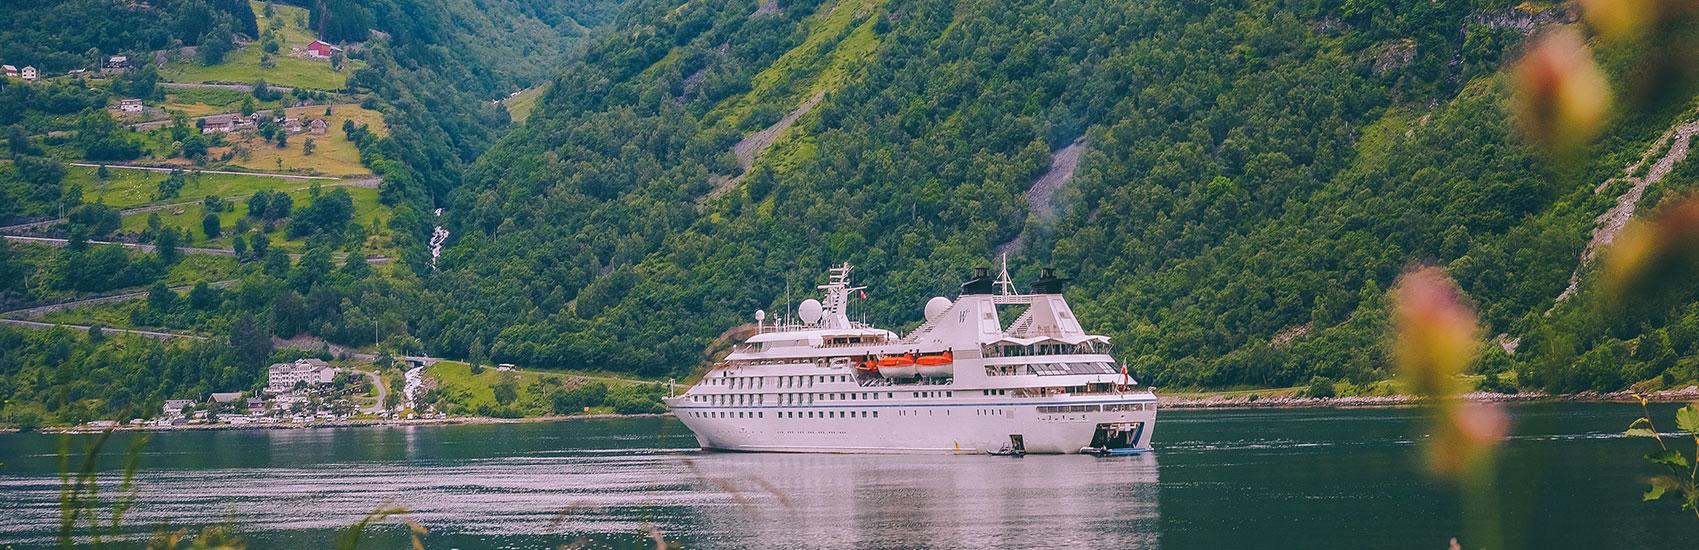 Small Ship, Big World Savings Event 2